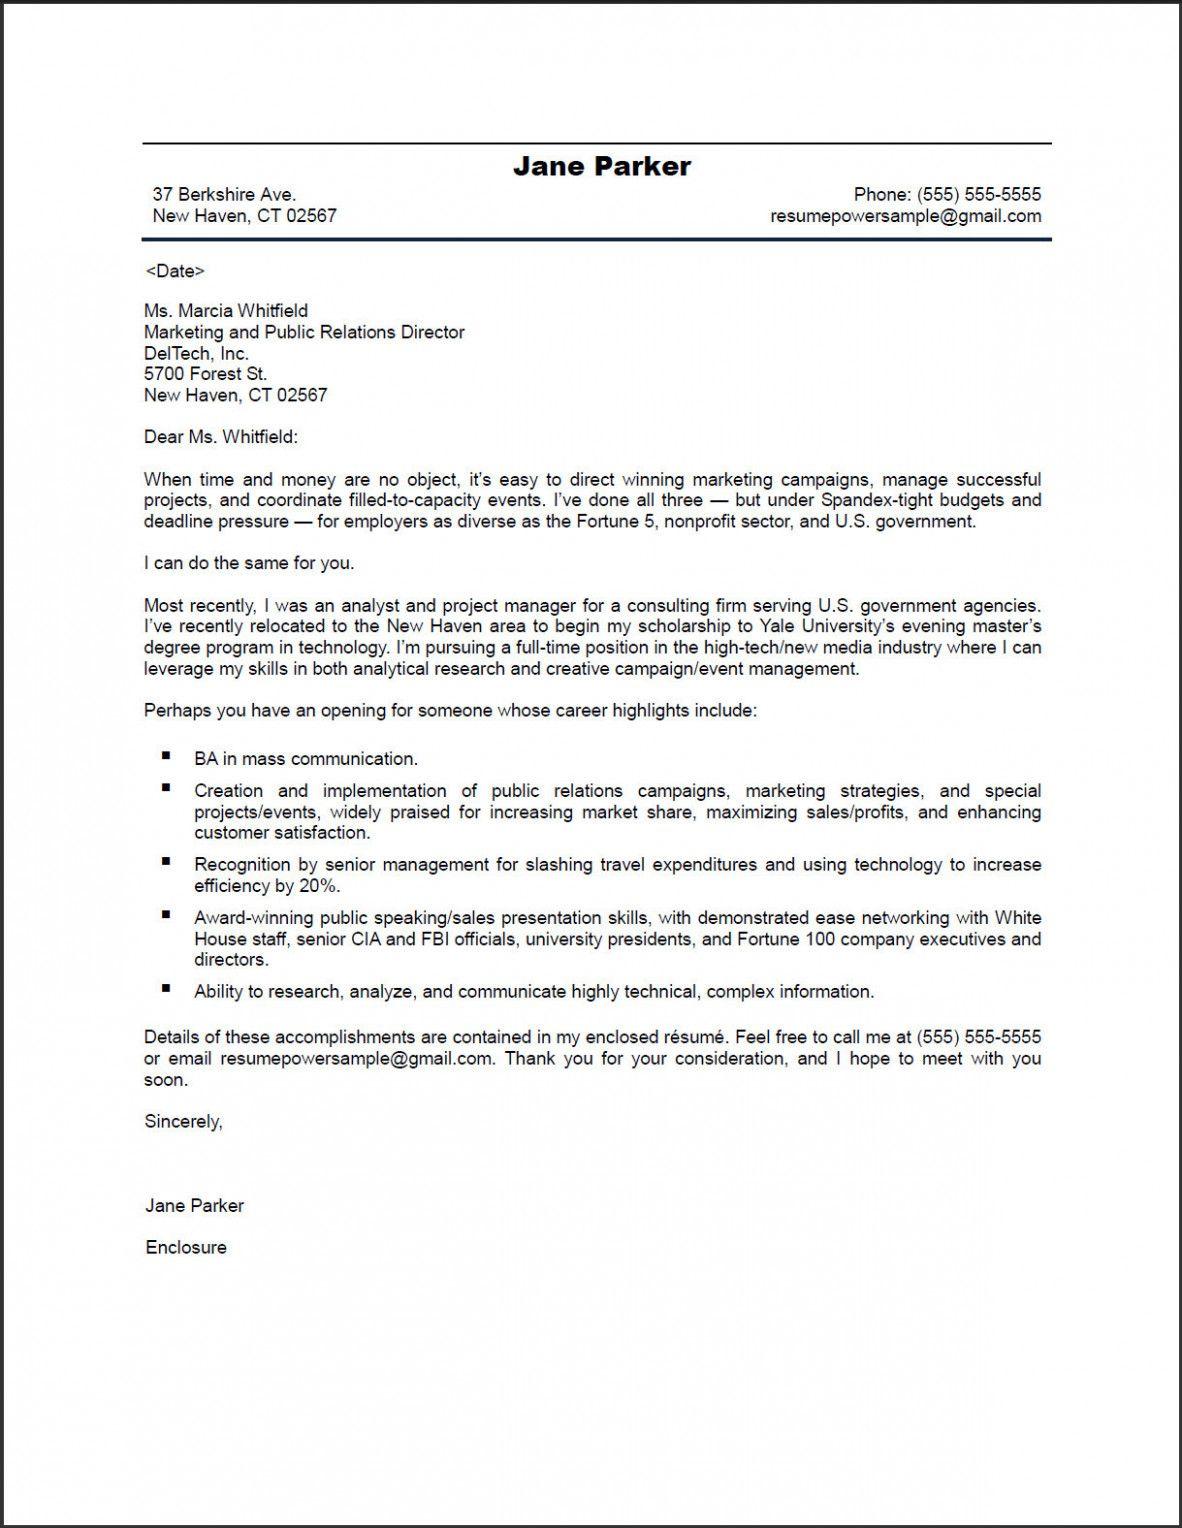 plain text resume pdf